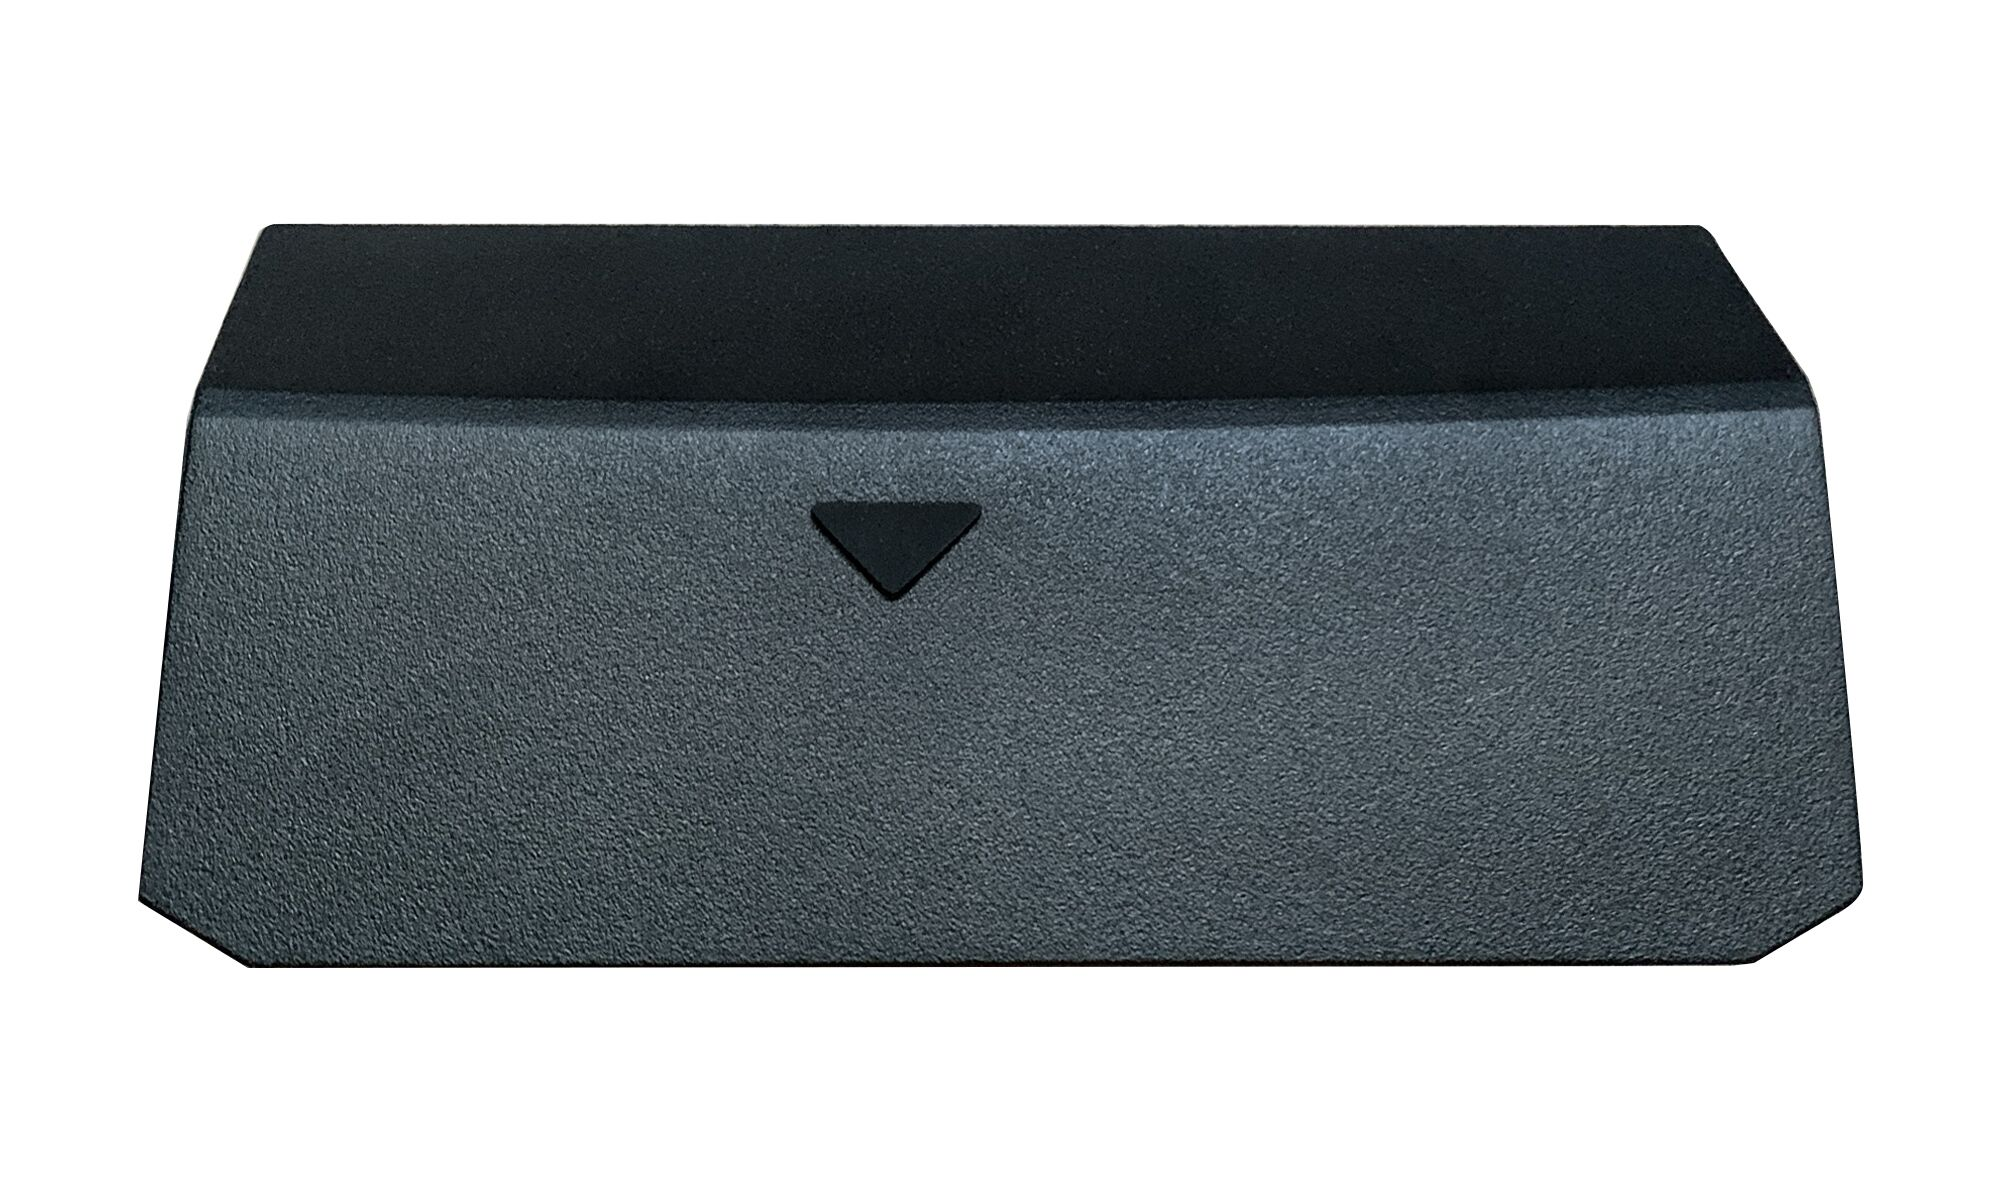 Baterie compatibila laptop Asus A42-G750 5900 mAh 88 Wh